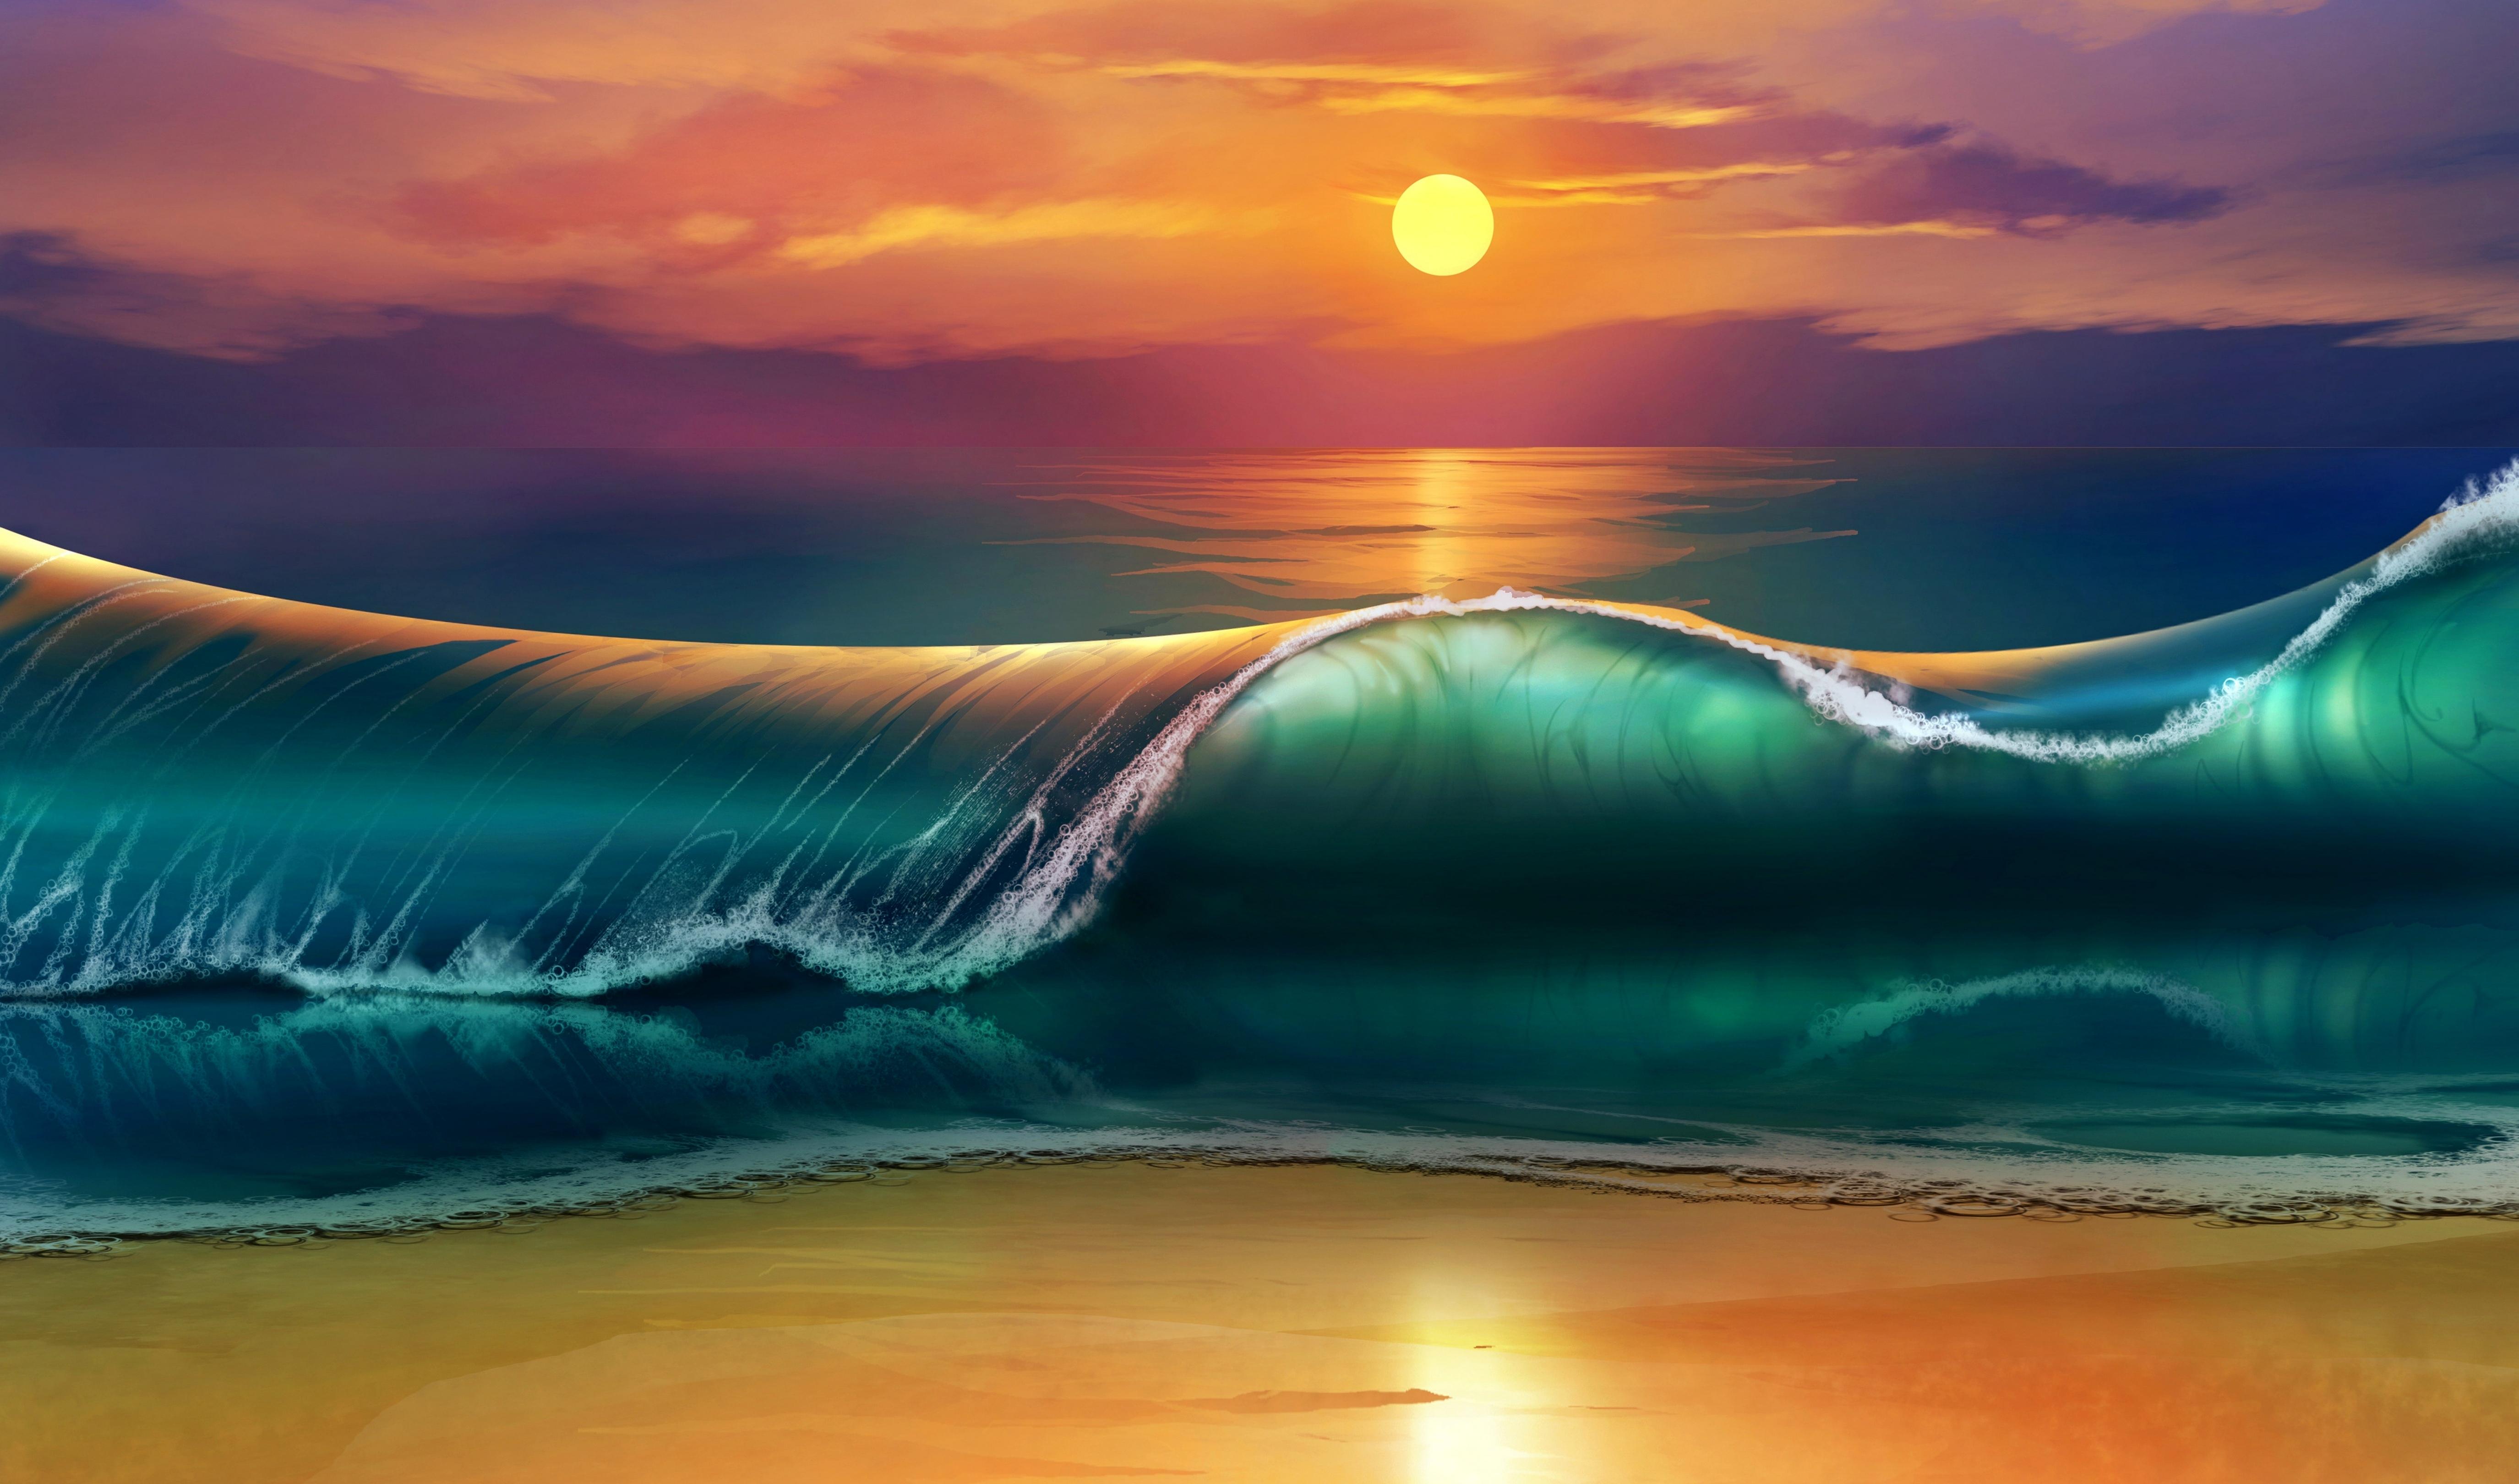 108888 Заставки и Обои Волны на телефон. Скачать Арт, Закат, Пляж, Море, Волны картинки бесплатно